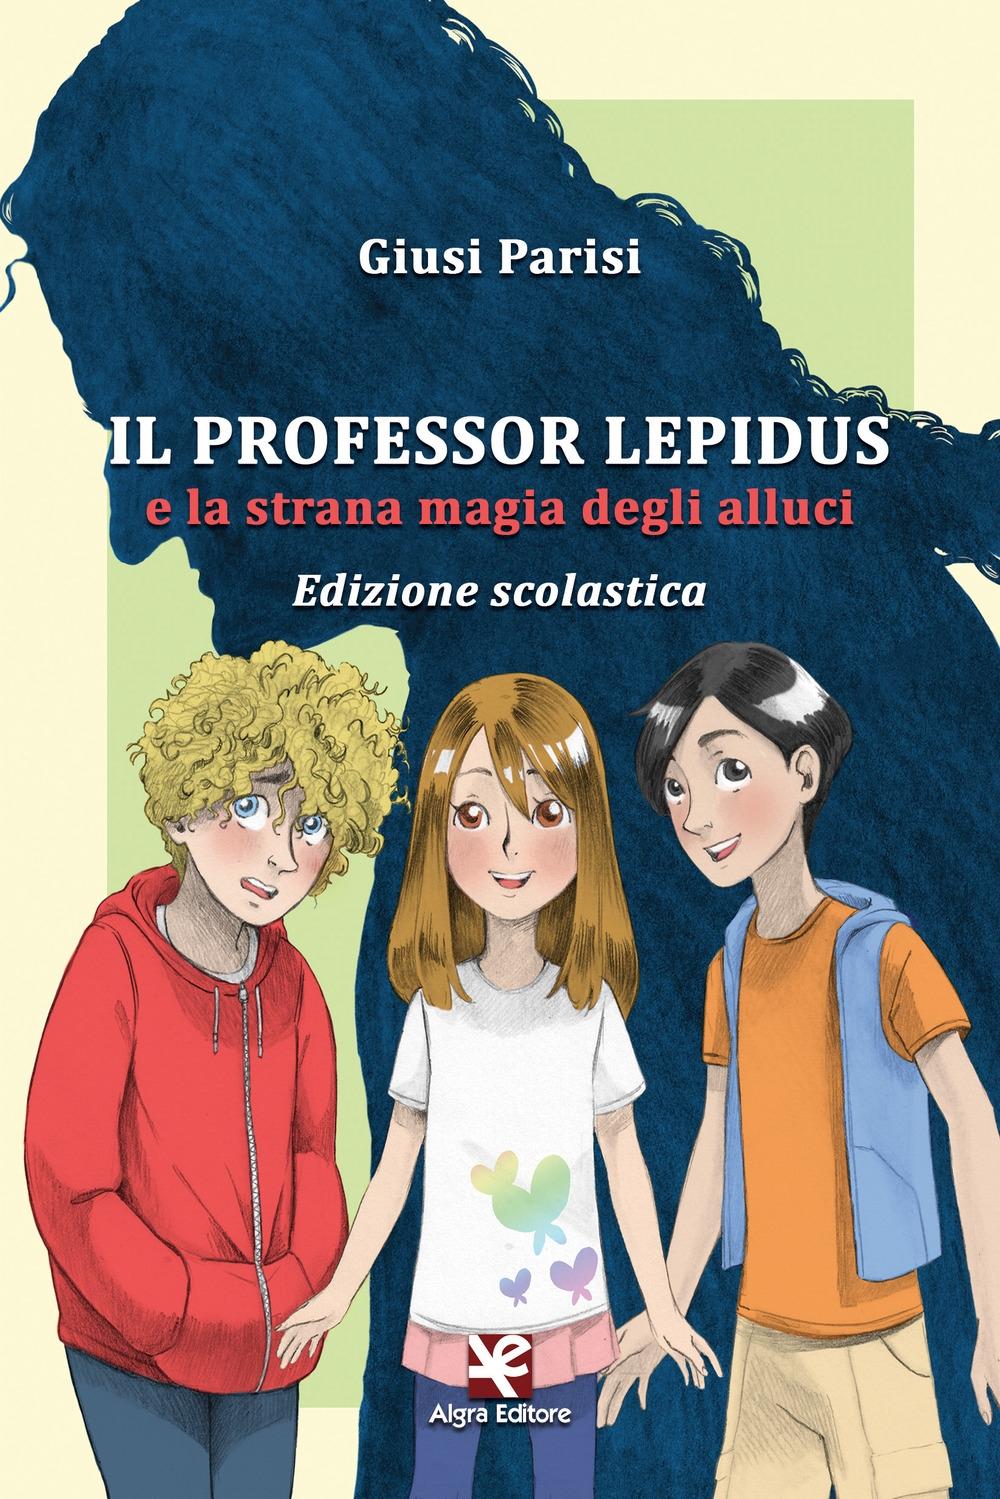 Il Professor Lepidus e la Strana Magia degli Alluci. Edizione scolastica